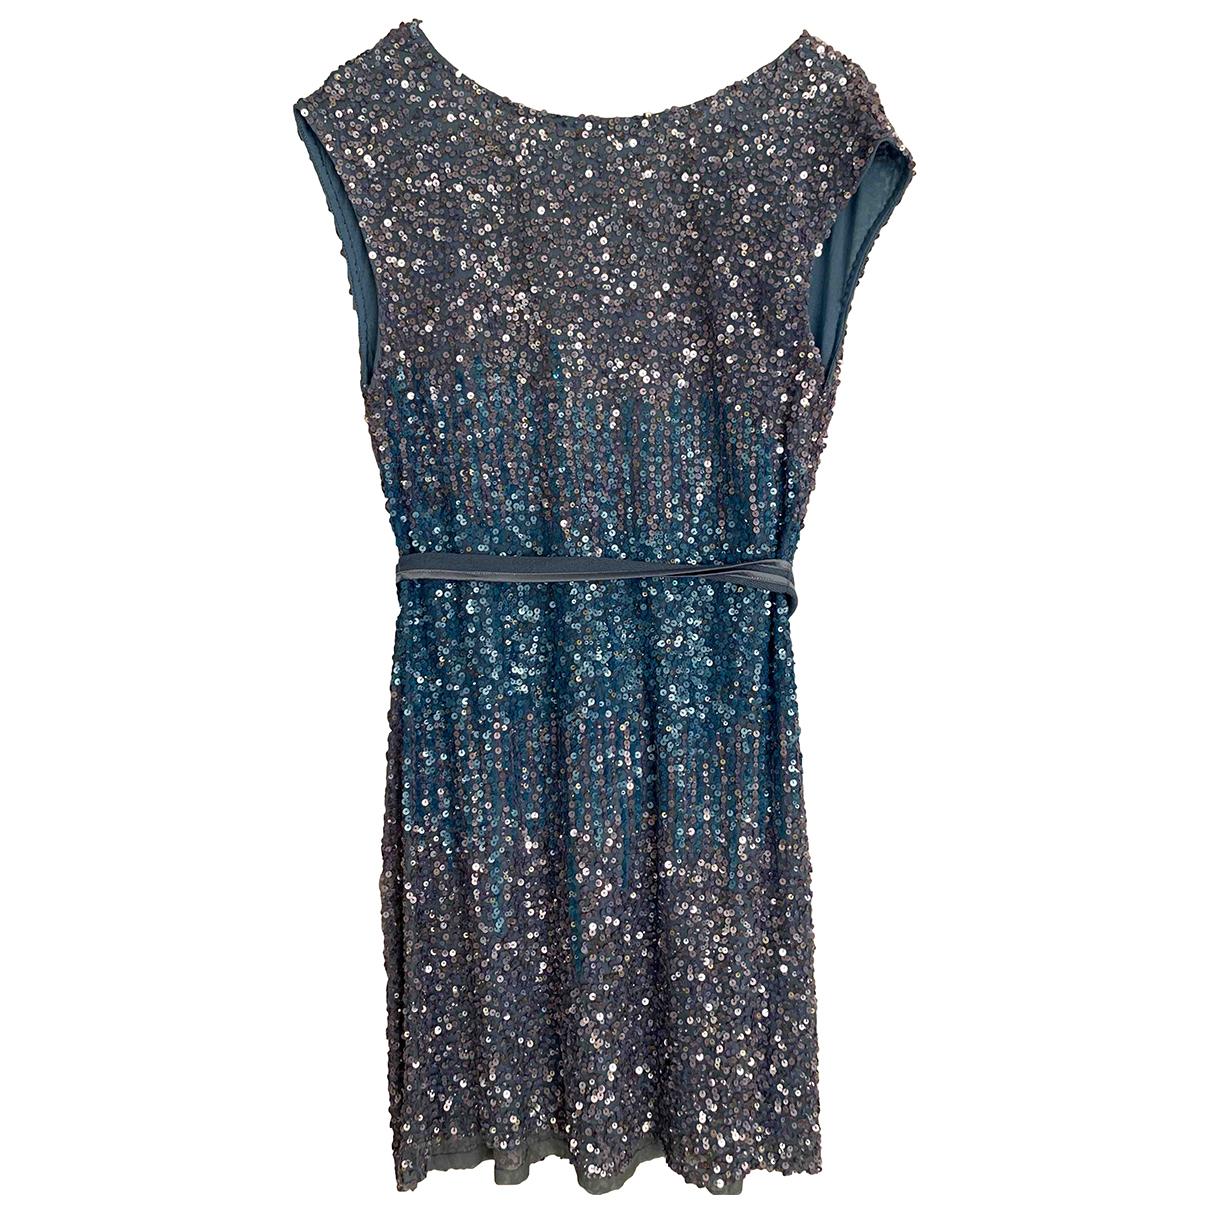 Pinko \N Kleid in  Blau Synthetik